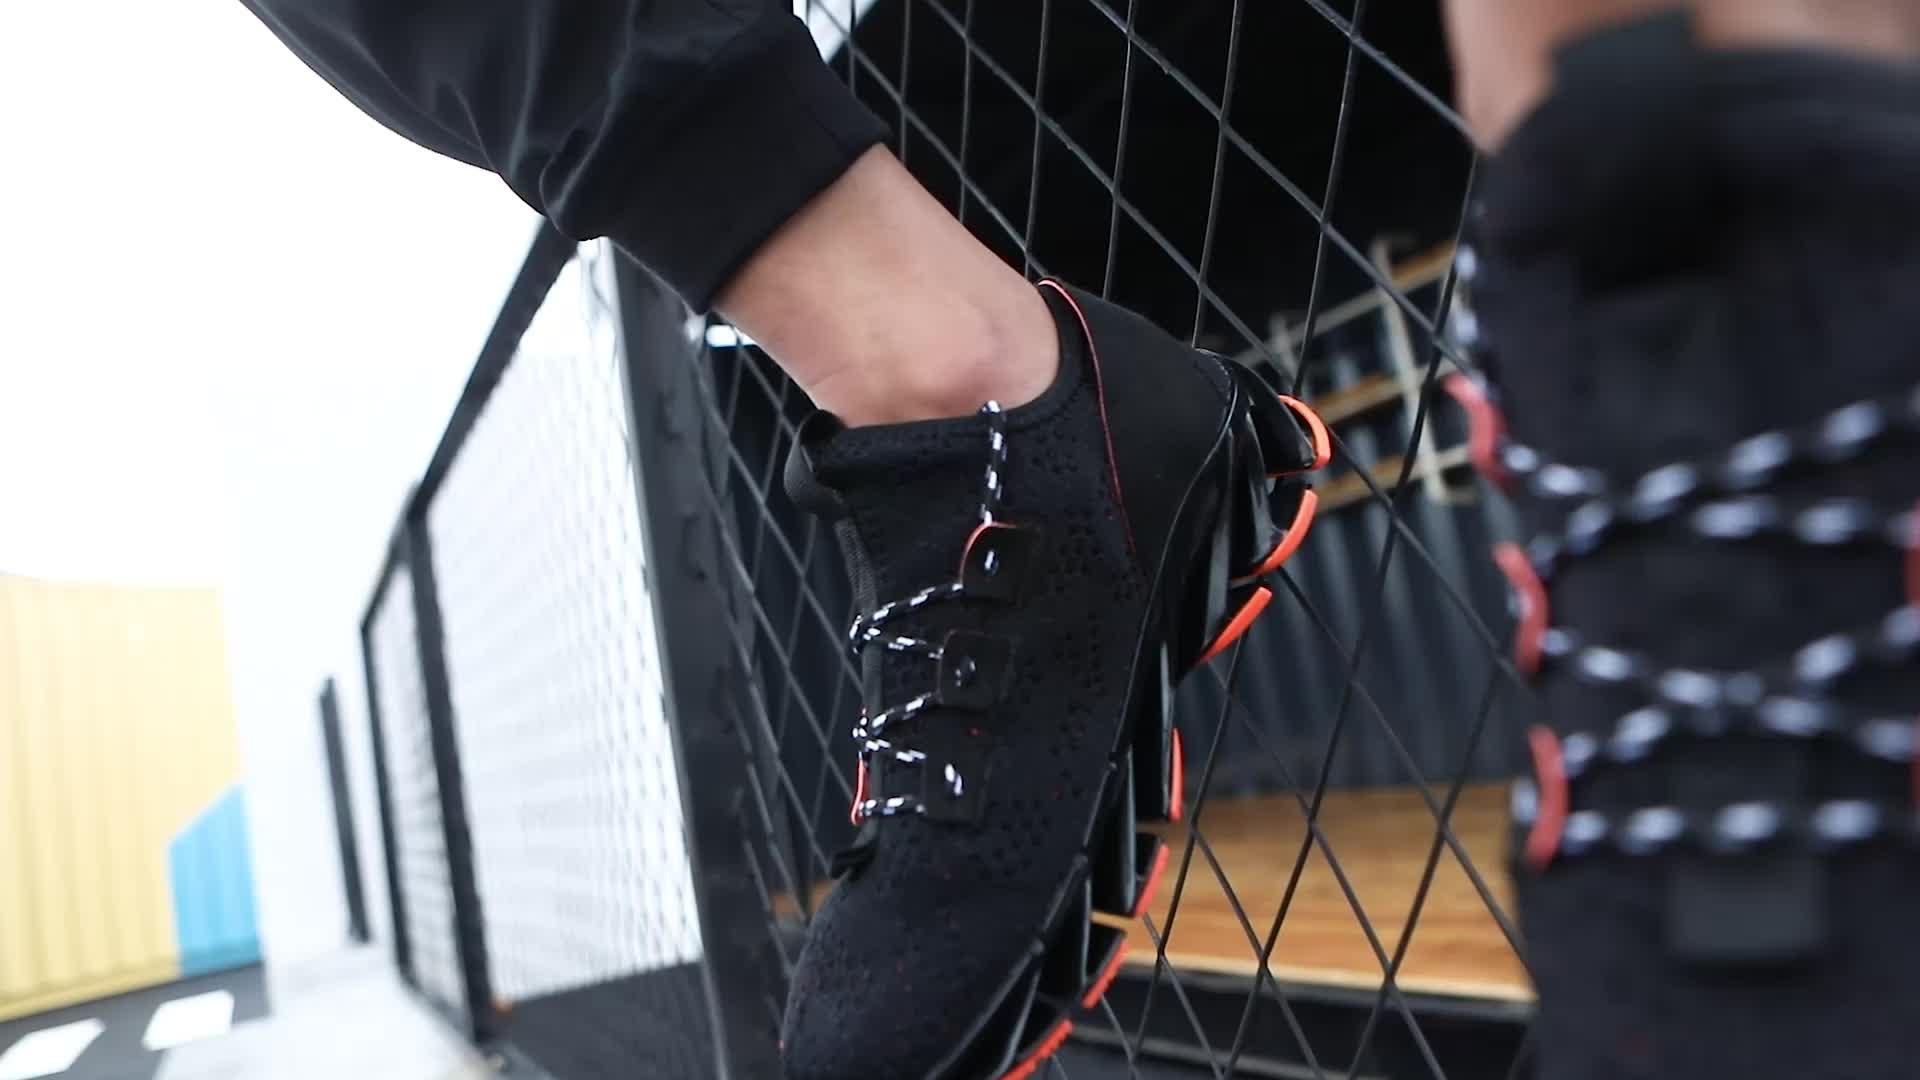 새로운 디자인 브랜드 성능 남성 운동화 봄 실행 블레이드 공기 신발